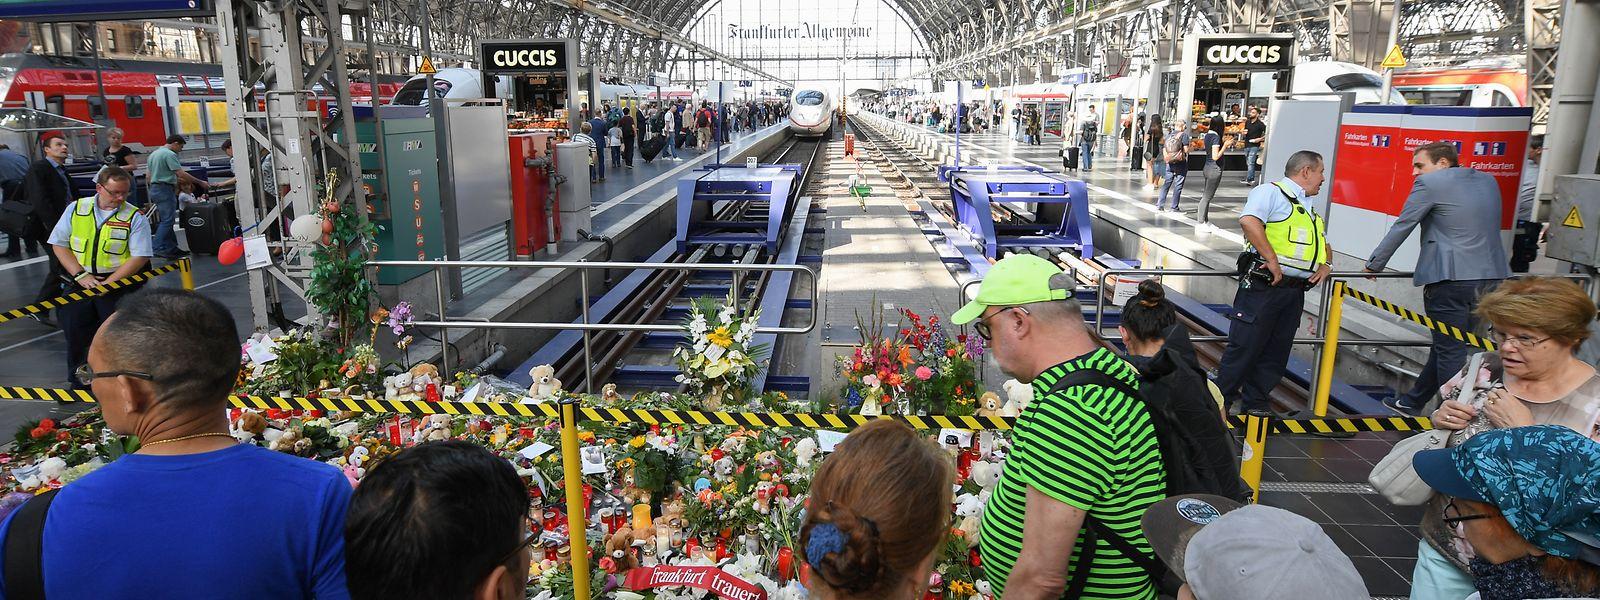 Trauernde am Gleis 7 des Frankfurter Hauptbahnhofs. Ein achtjähriger Junge wurde hier am 29. Juli von einem Mann vor einen einfahrenden ICE gestoßen und getötet.